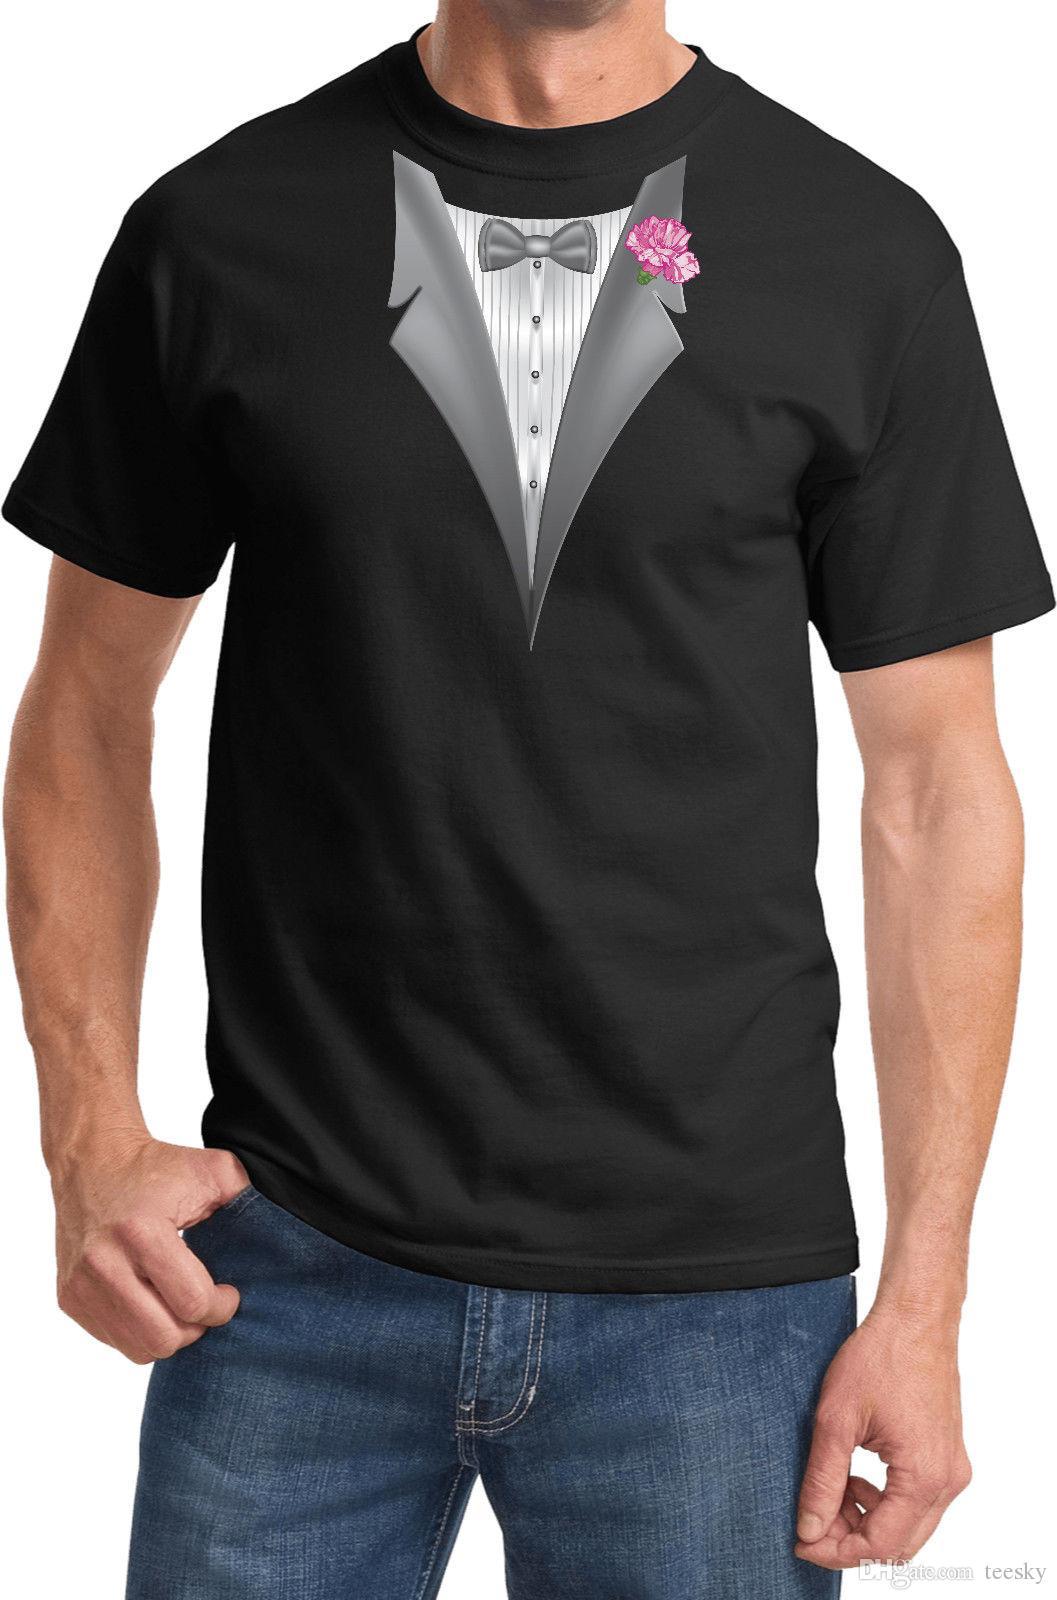 e2465570 Tuxedo T Shirt With Pink Flower | Top Mode Depot